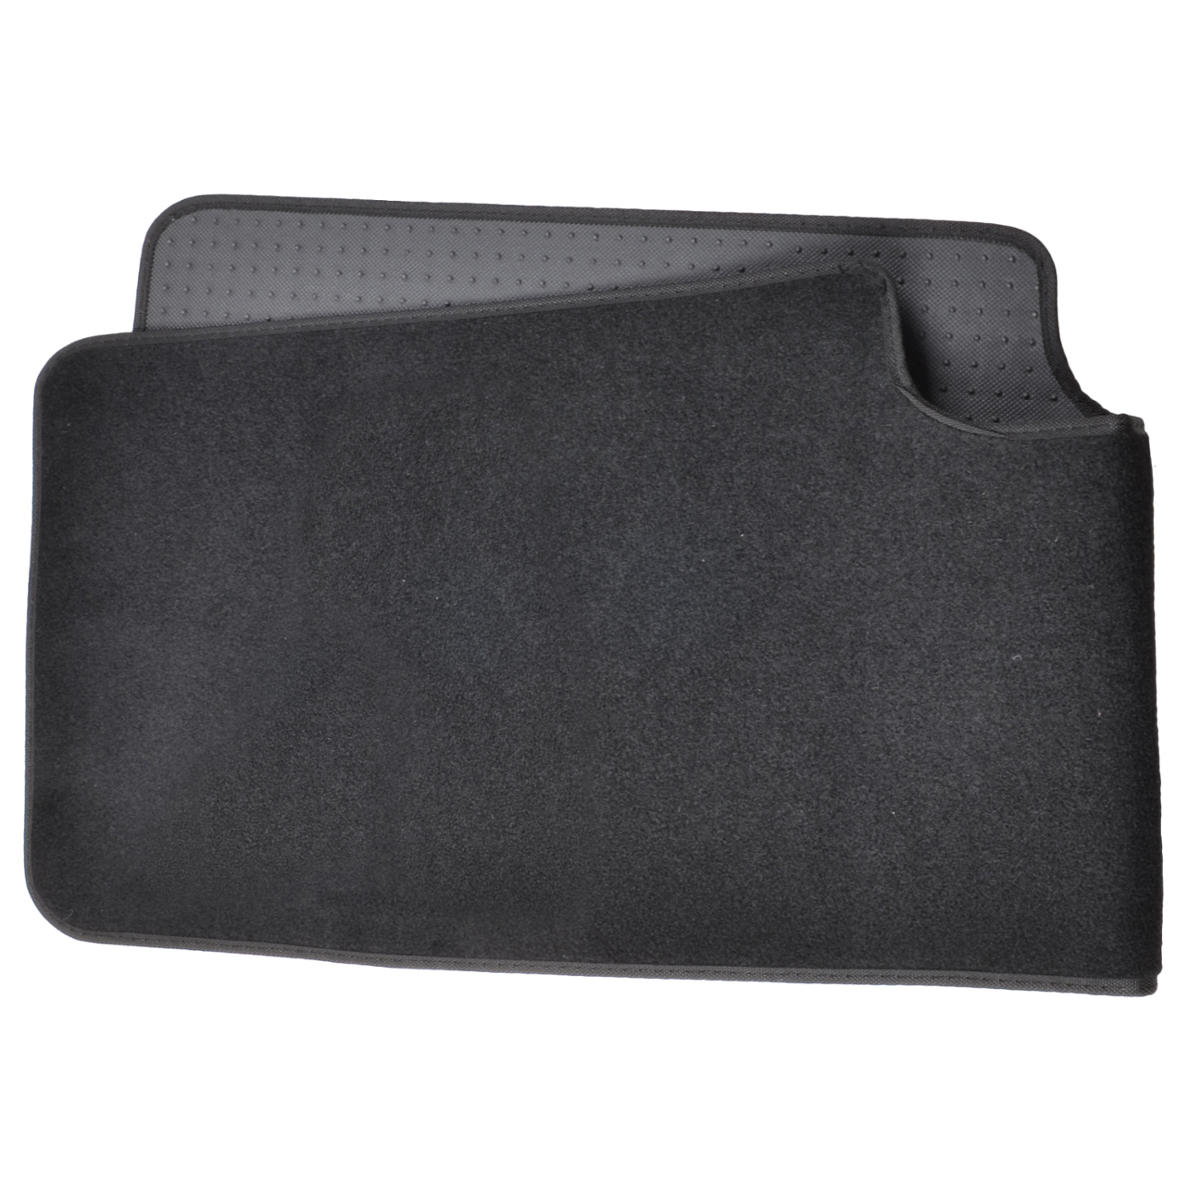 carpet floor mats for trucks - 28 images - gray rubber ...